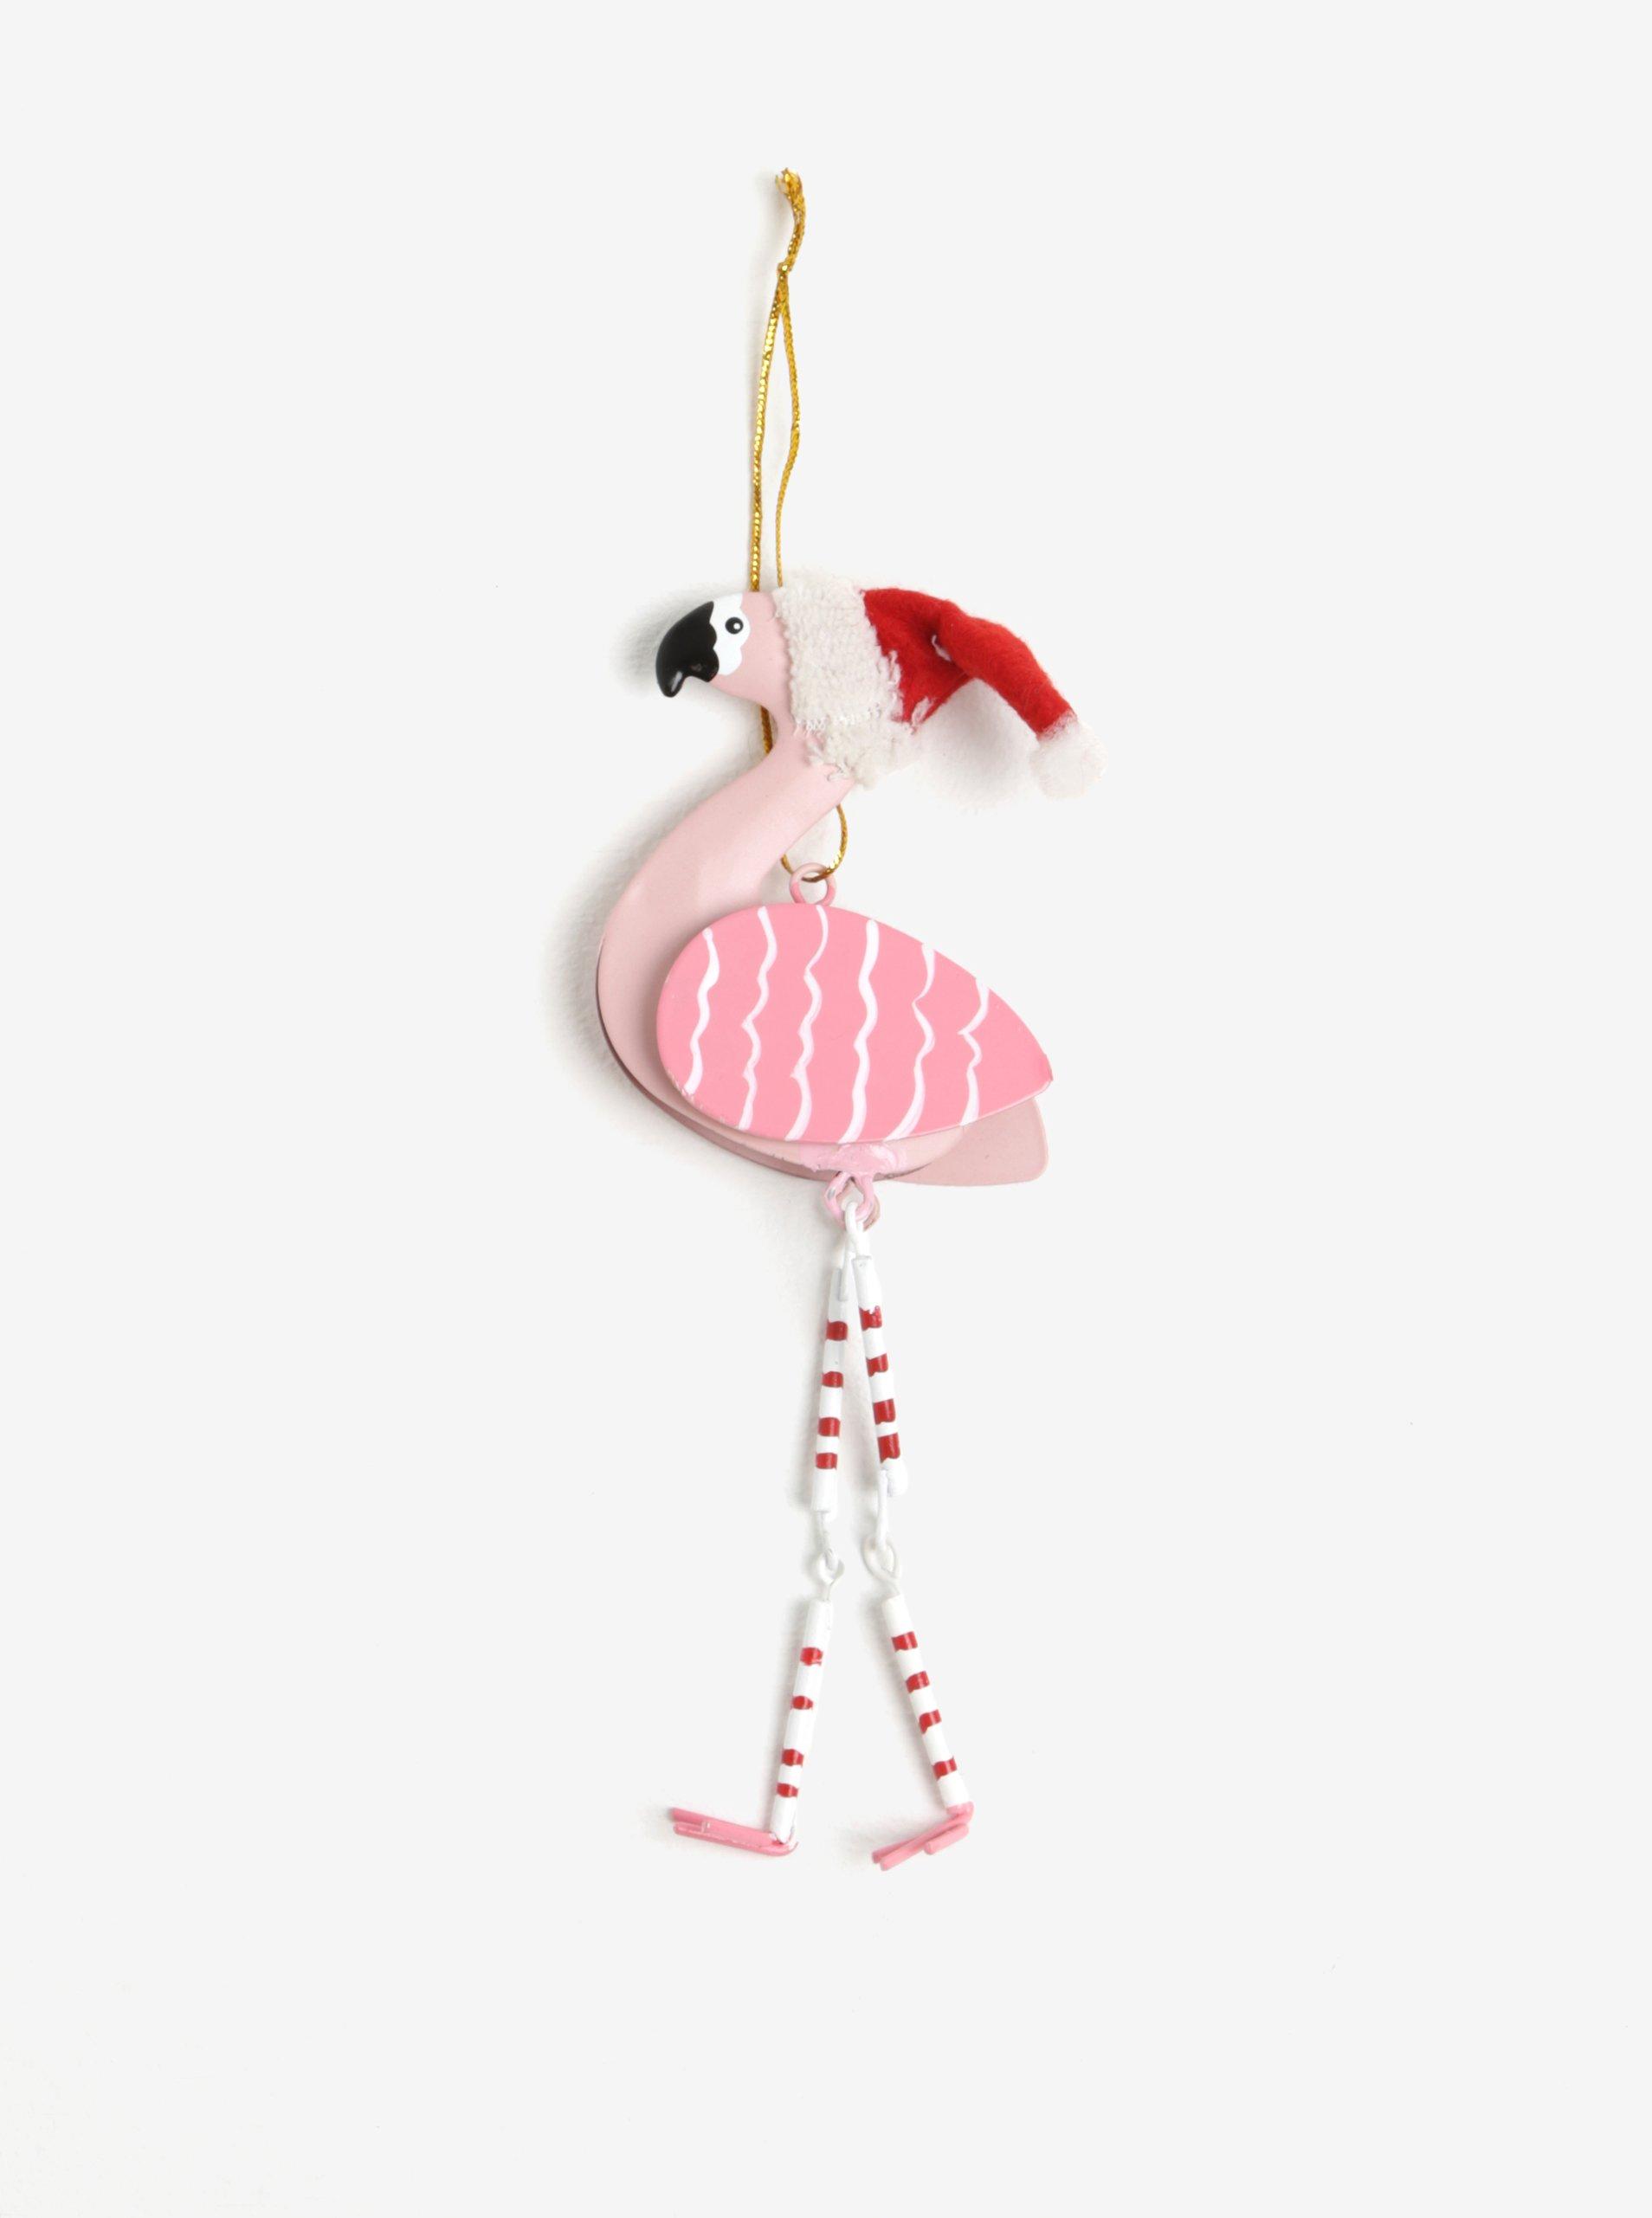 Růžová závěsná dekorace ve tvaru plameňáka Sass & Belle Festive Flamingo